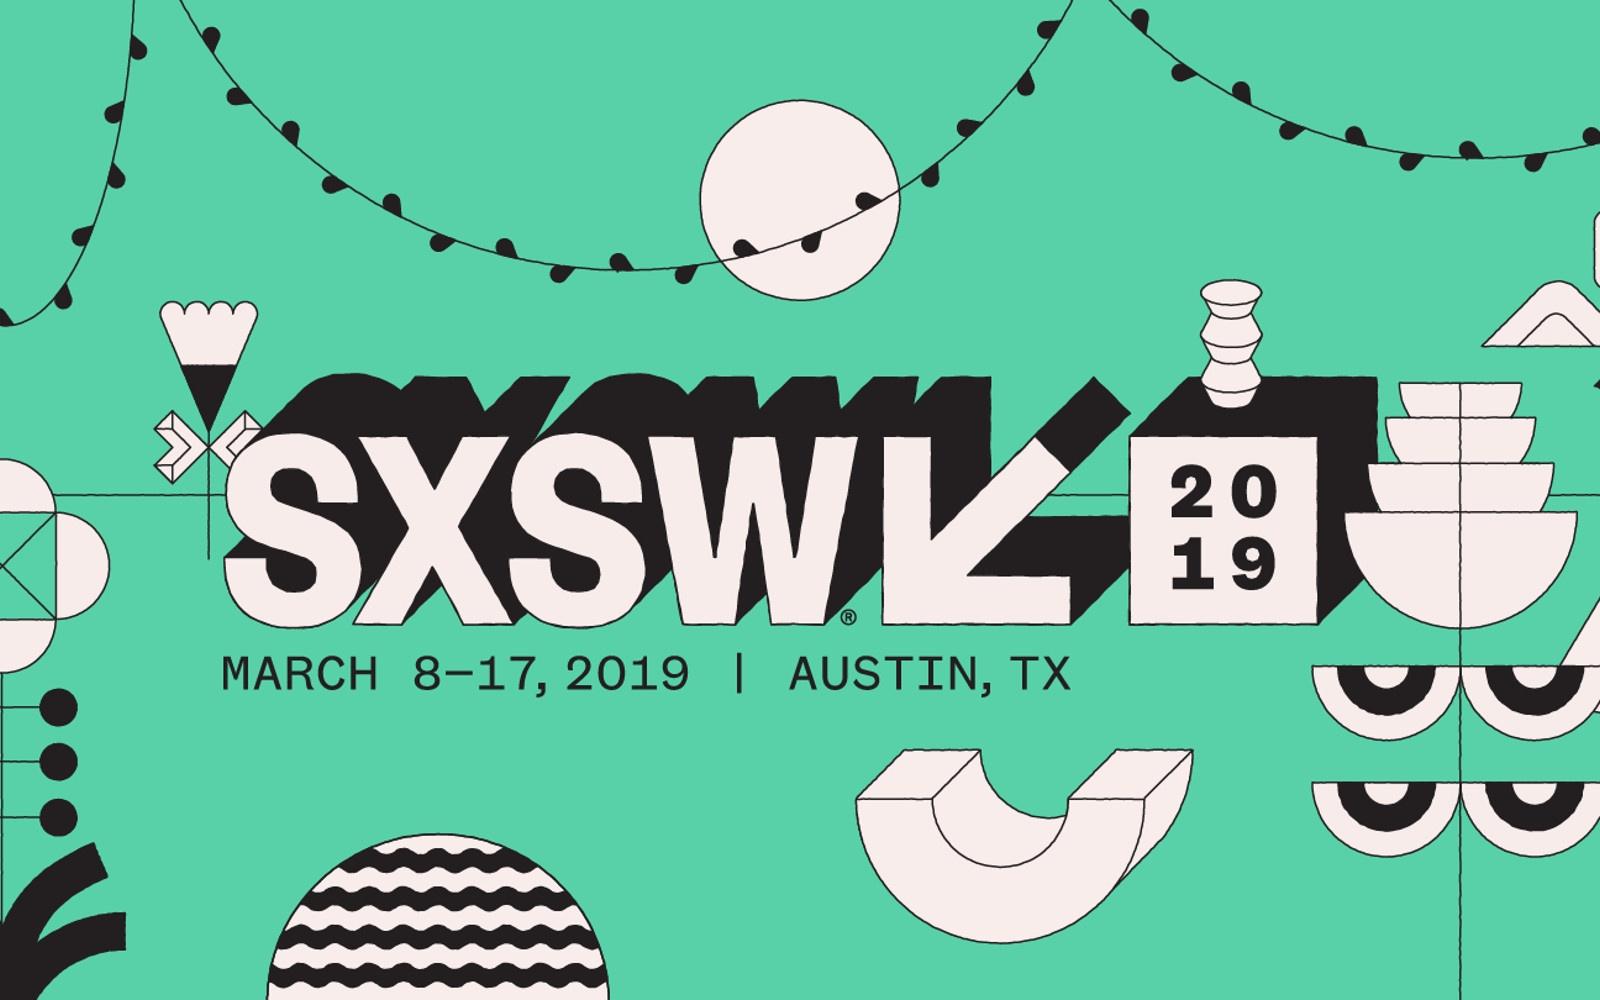 SXSW 2019: veja os novos keynote speakers adicionados à lista e como conferir o que rola no festival